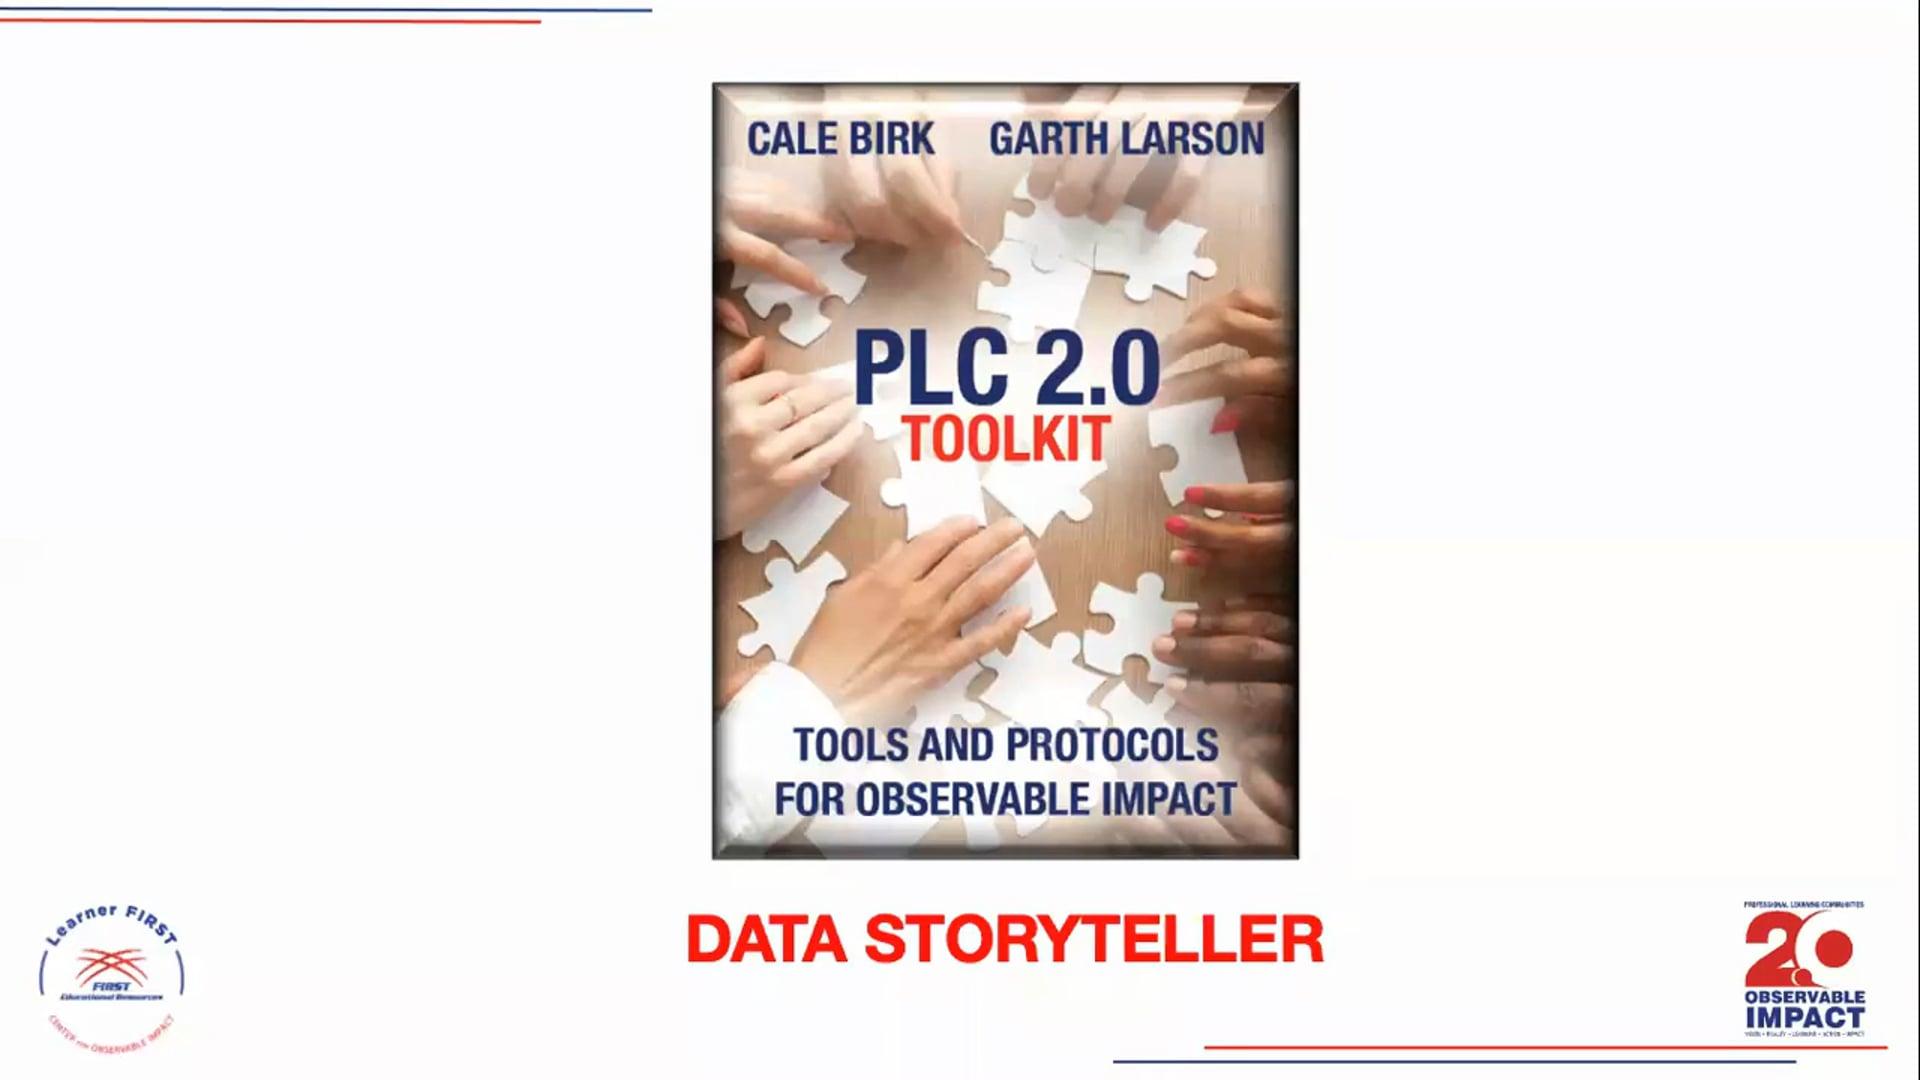 PLC 2.0 - Data Storyteller